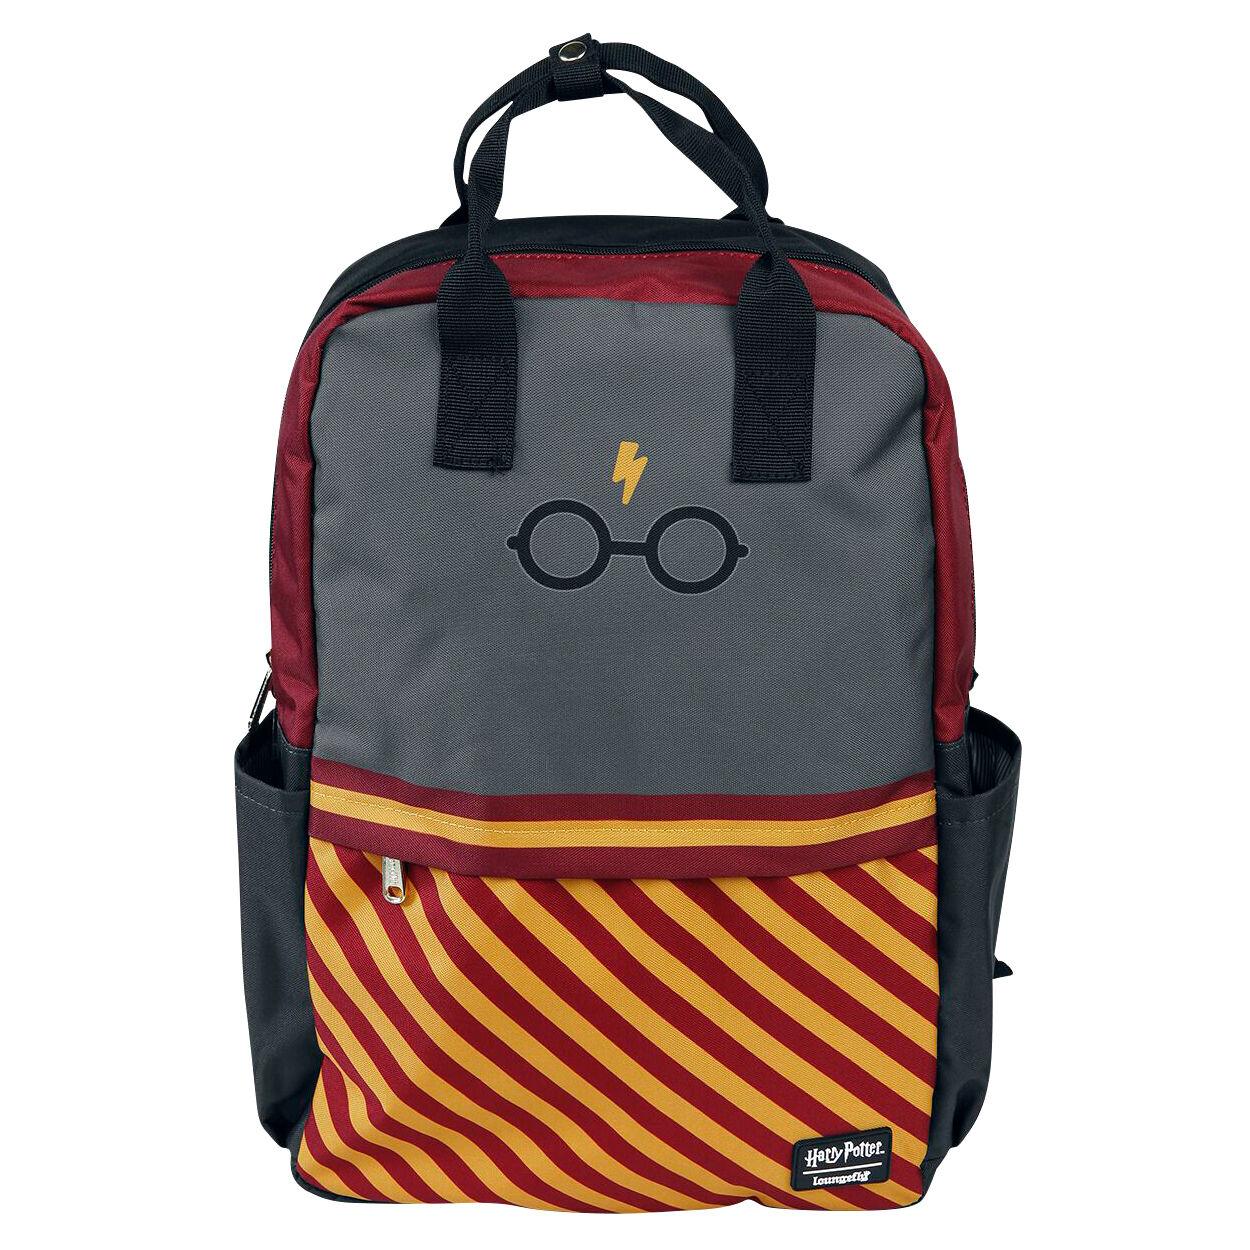 Mochila Harry Potter Loungefly 45cm 671803306868